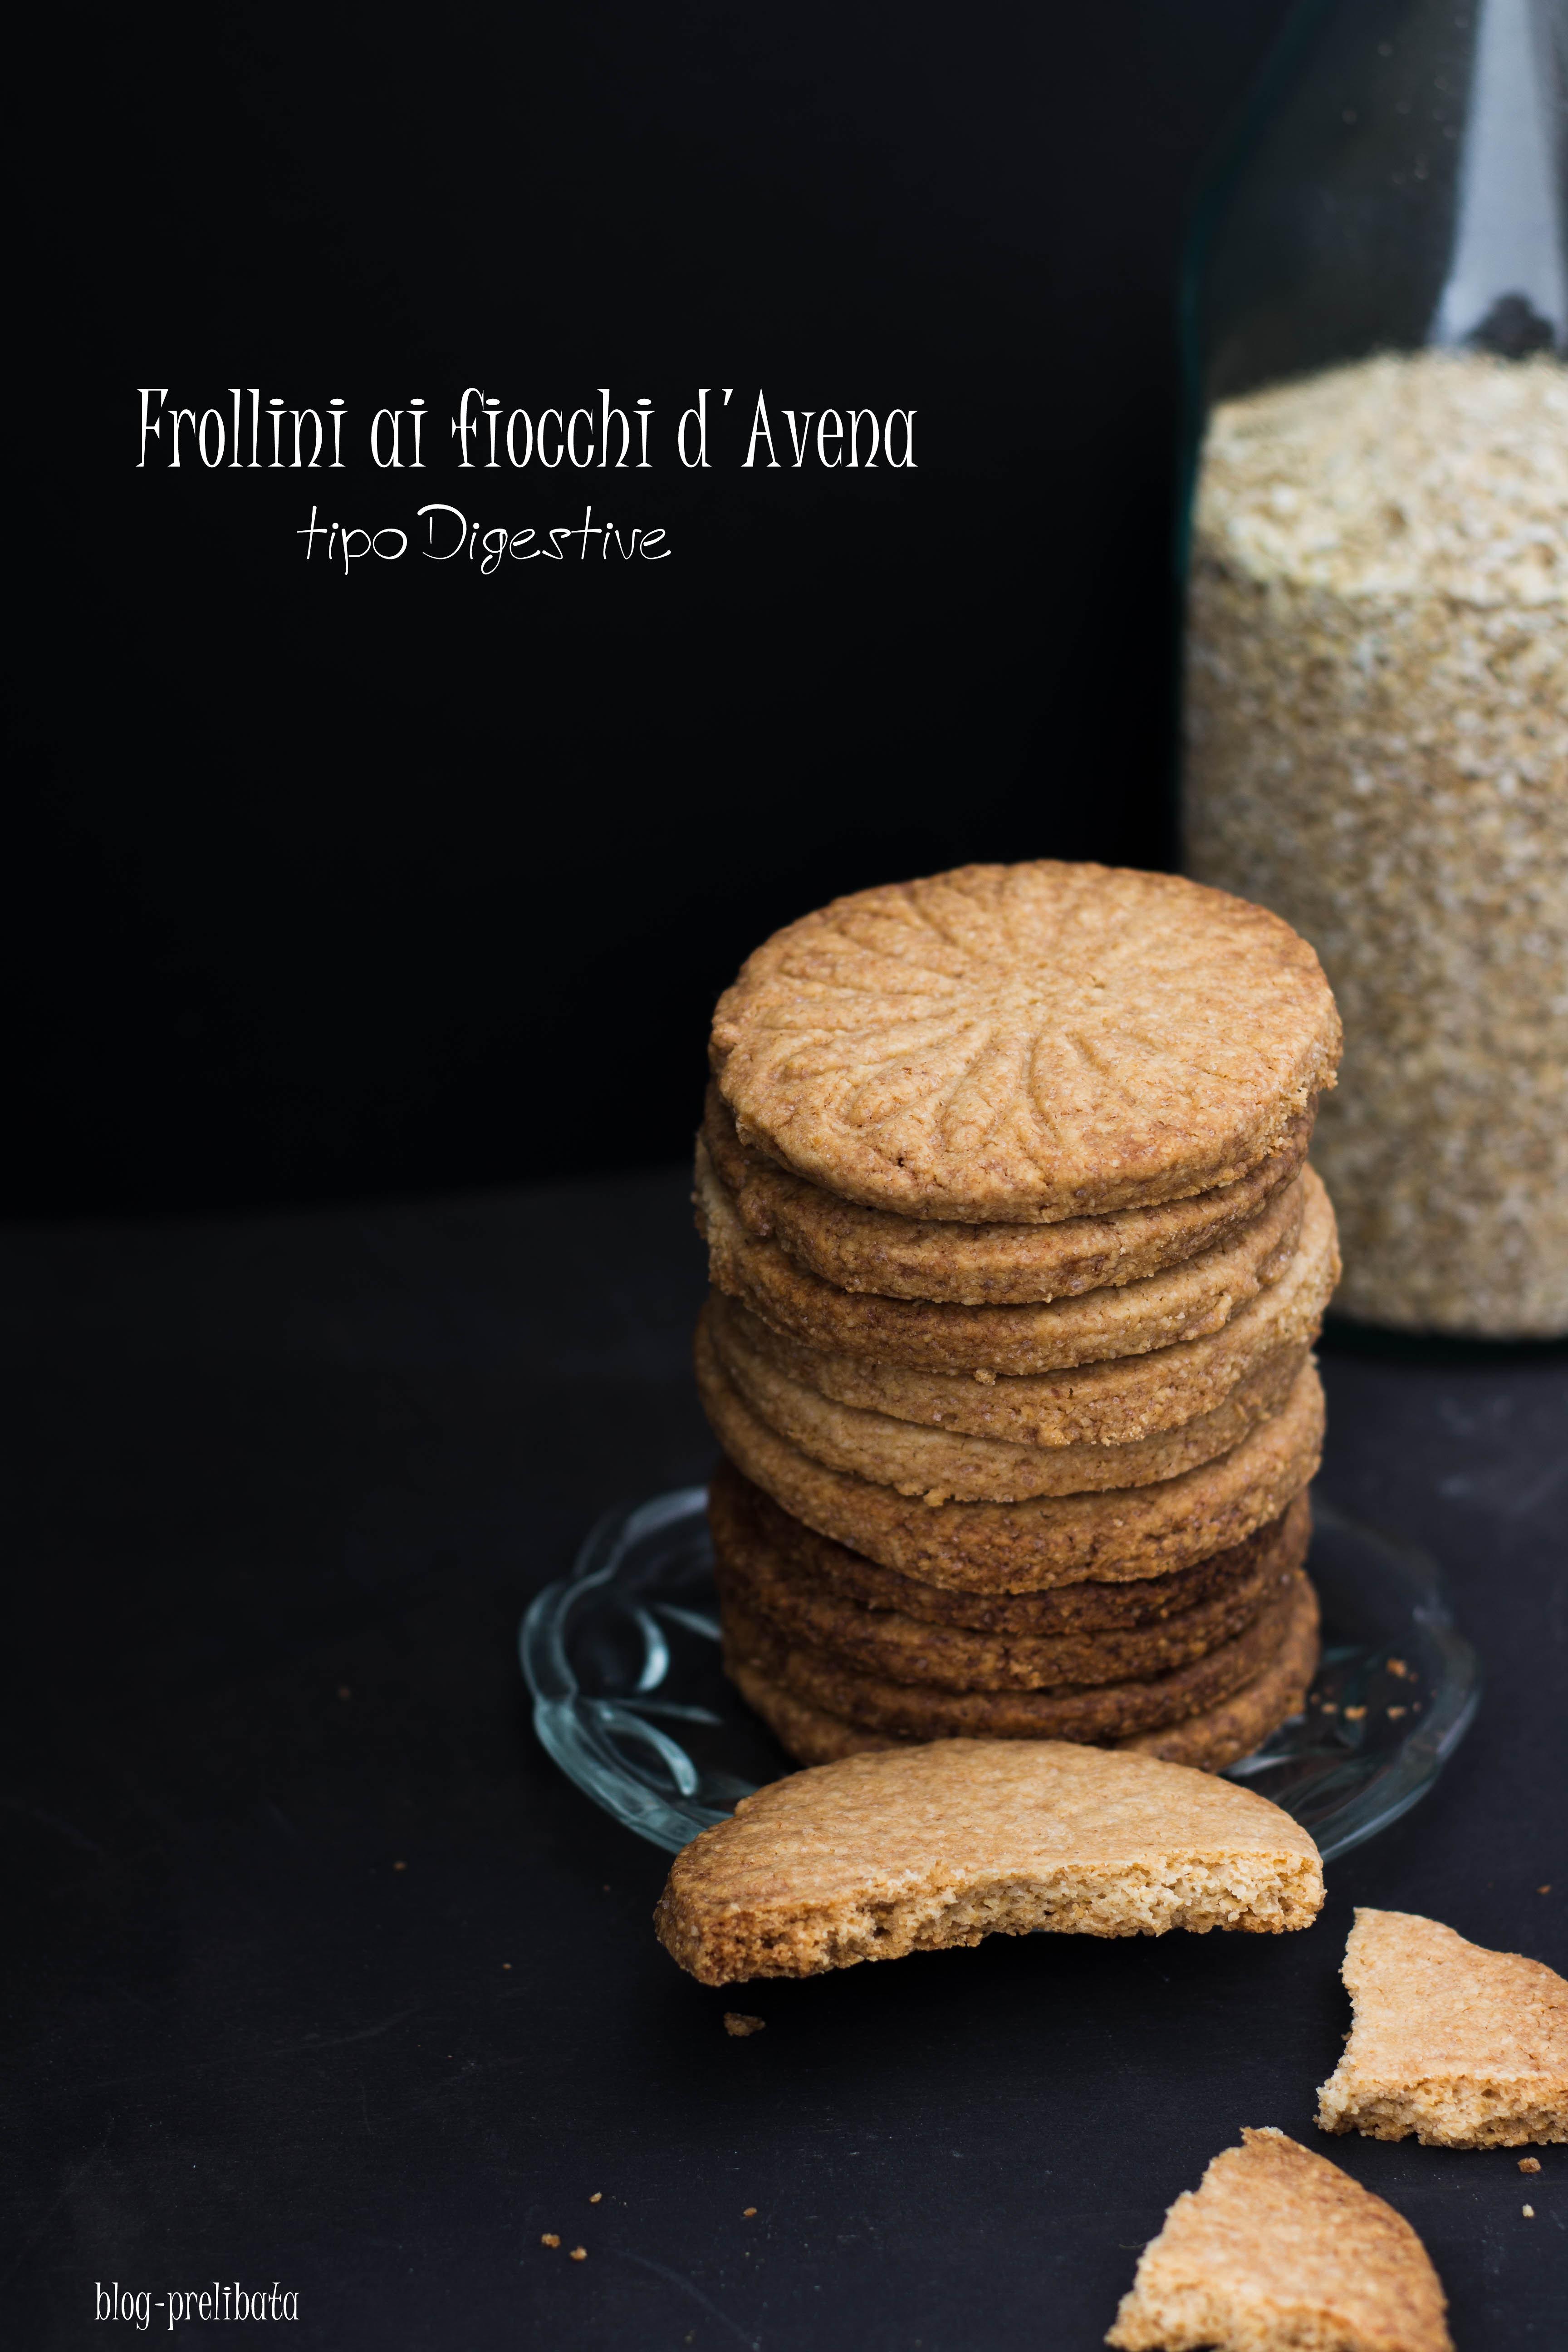 biscotti digestivi fatta a casa